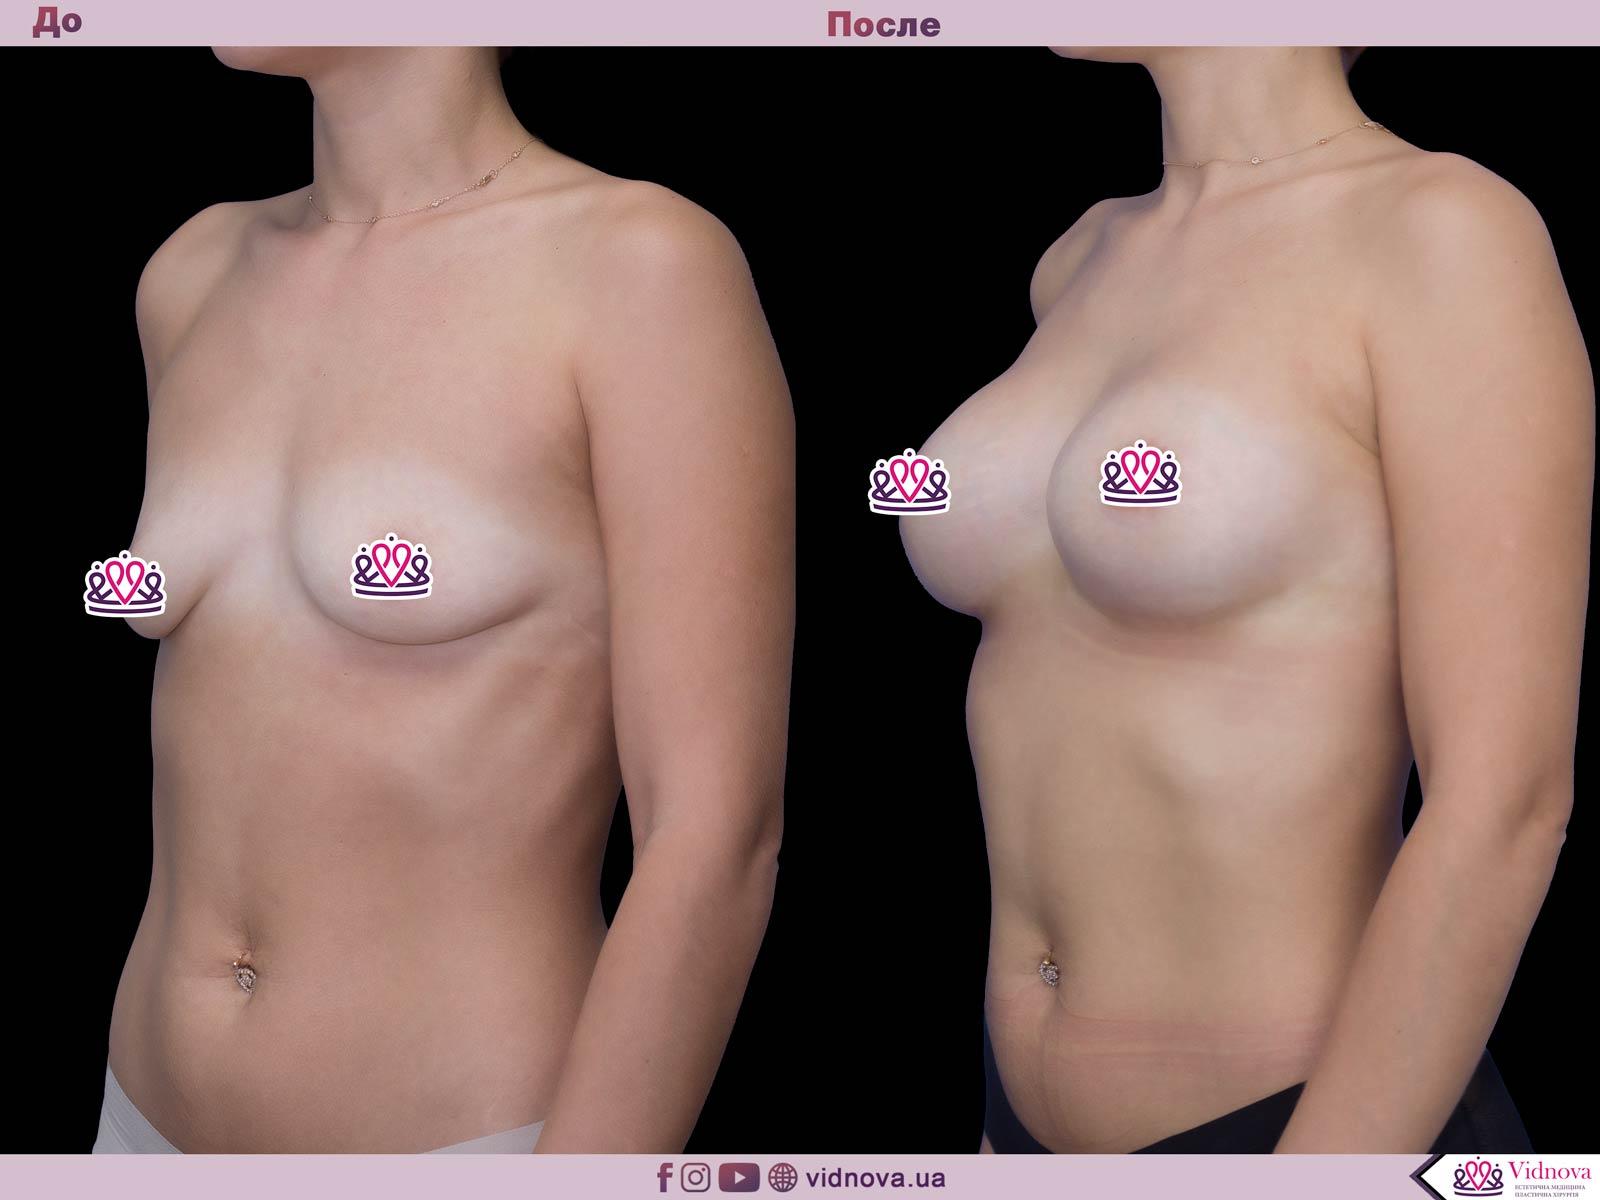 Пластика груди: результаты до и после - Пример №52-1 - Светлана Работенко